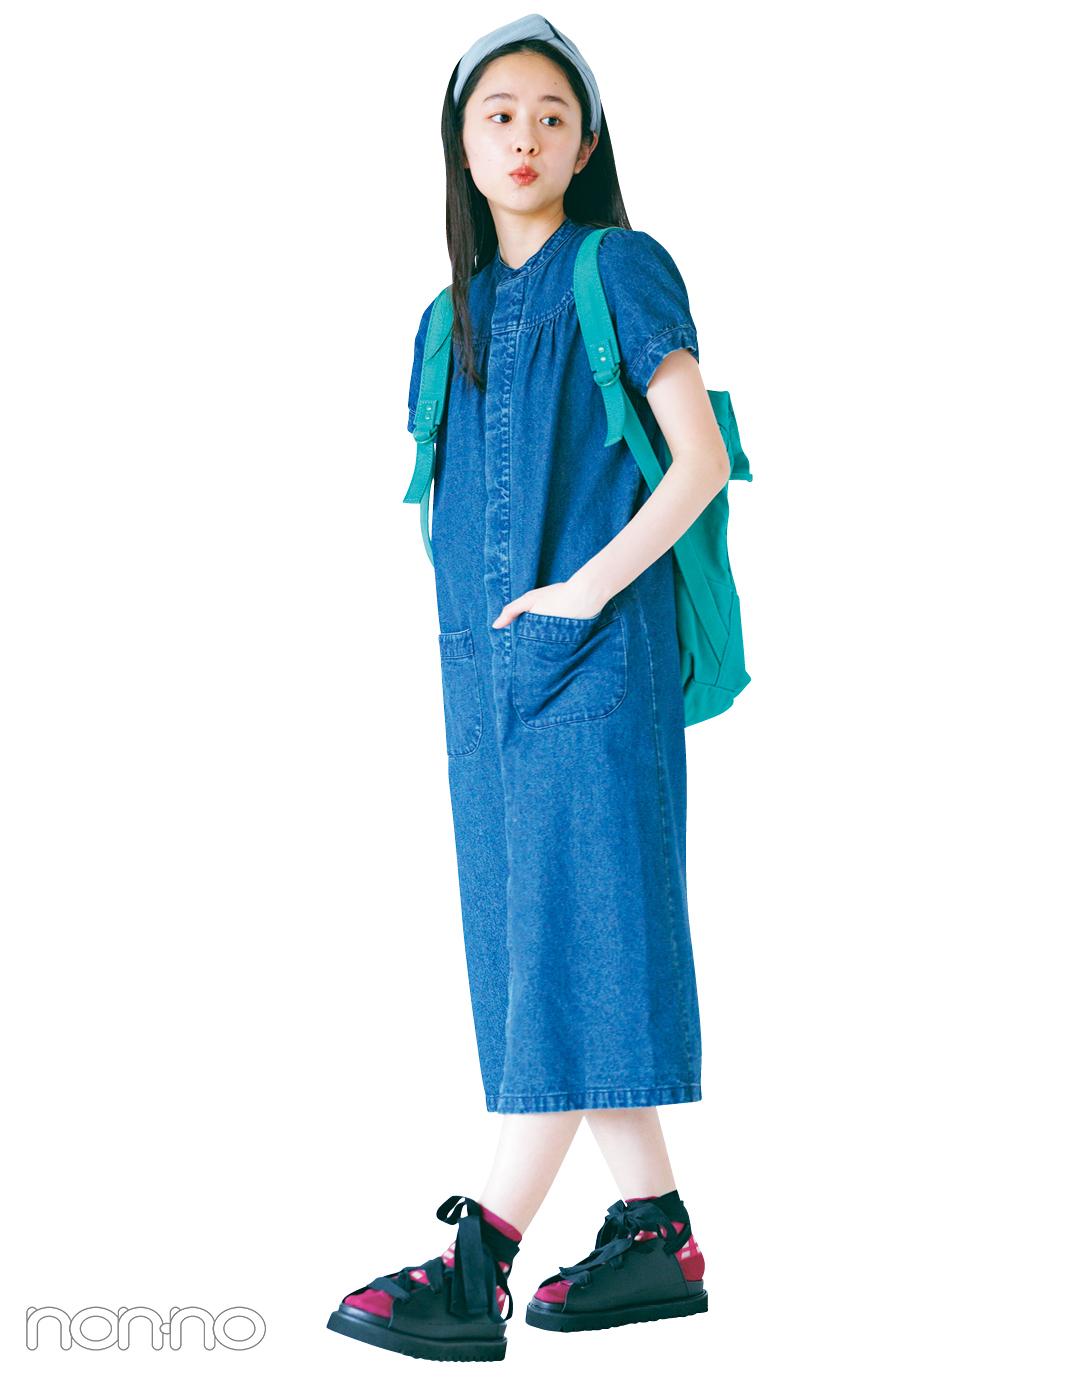 話題の#ほったさんの私服、見せて! vol.3 【ノンノモデルの夏私服:堀田真由】_1_5